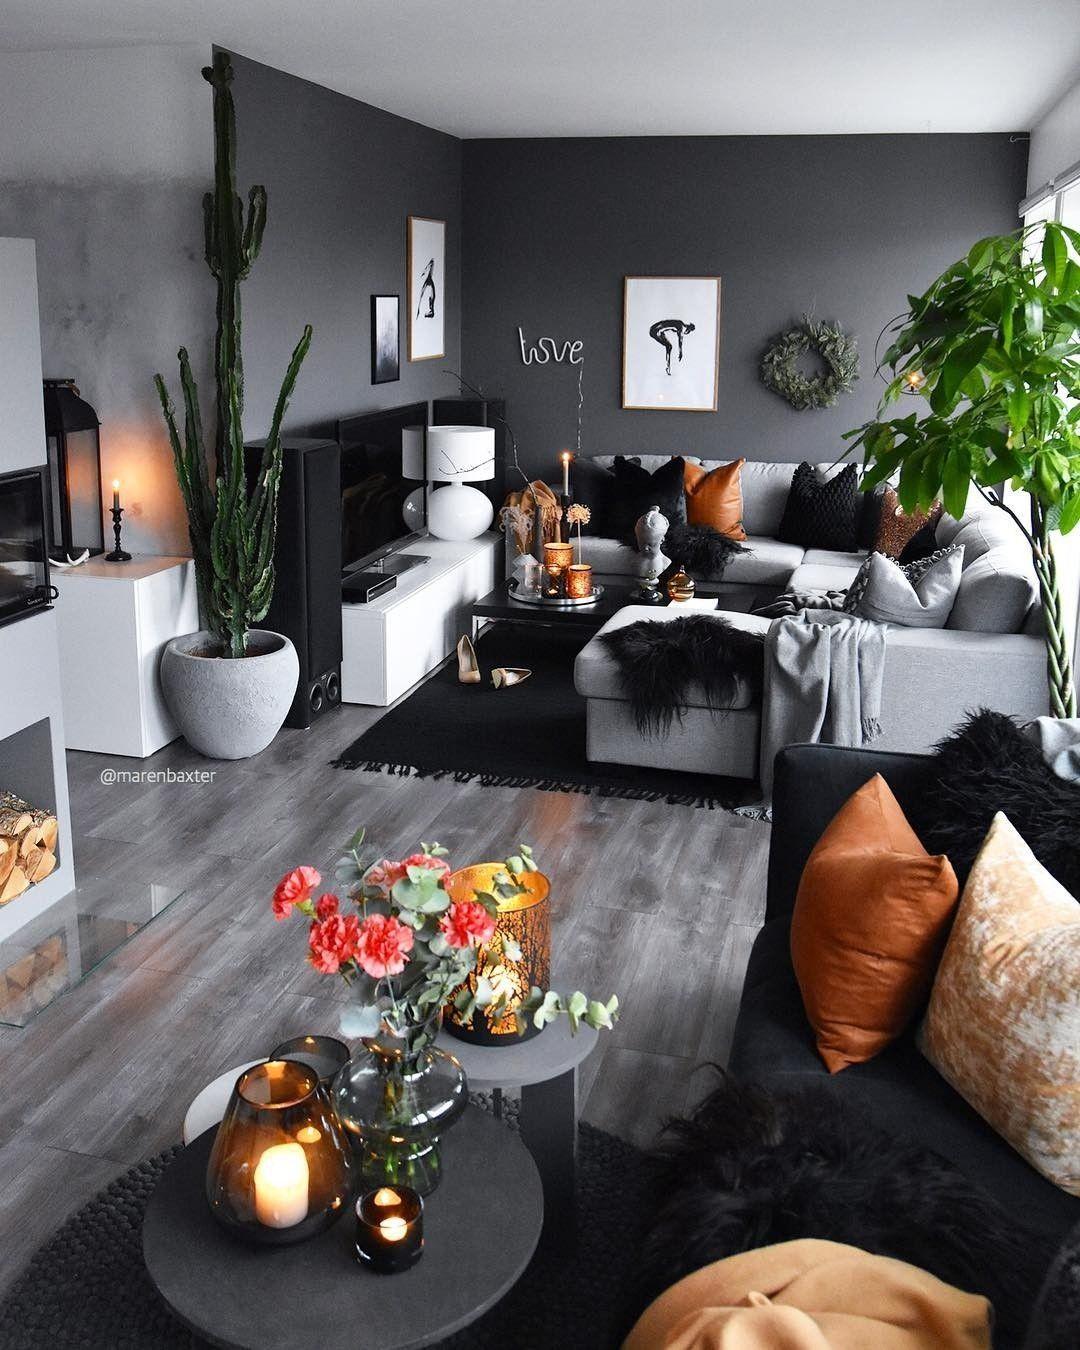 Deco De Salon Deco Maison Interieur Deco Appartement Idee Deco Salon Living room decor black